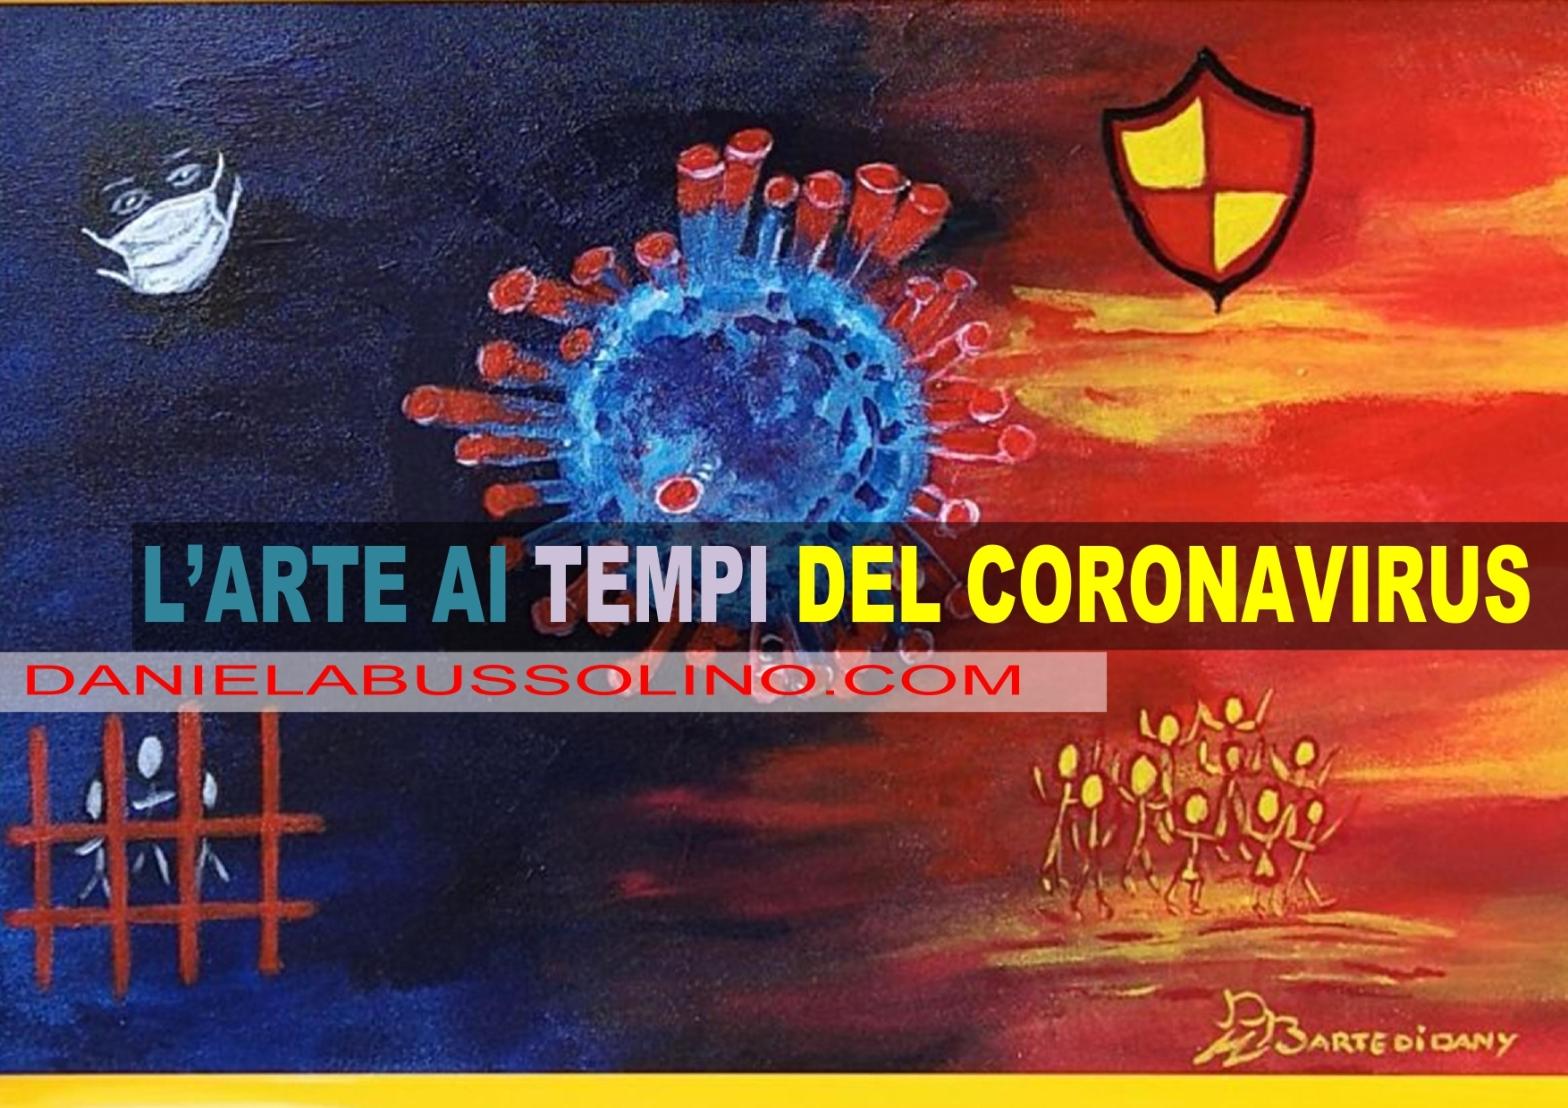 daniela bussolino e il coronavirus